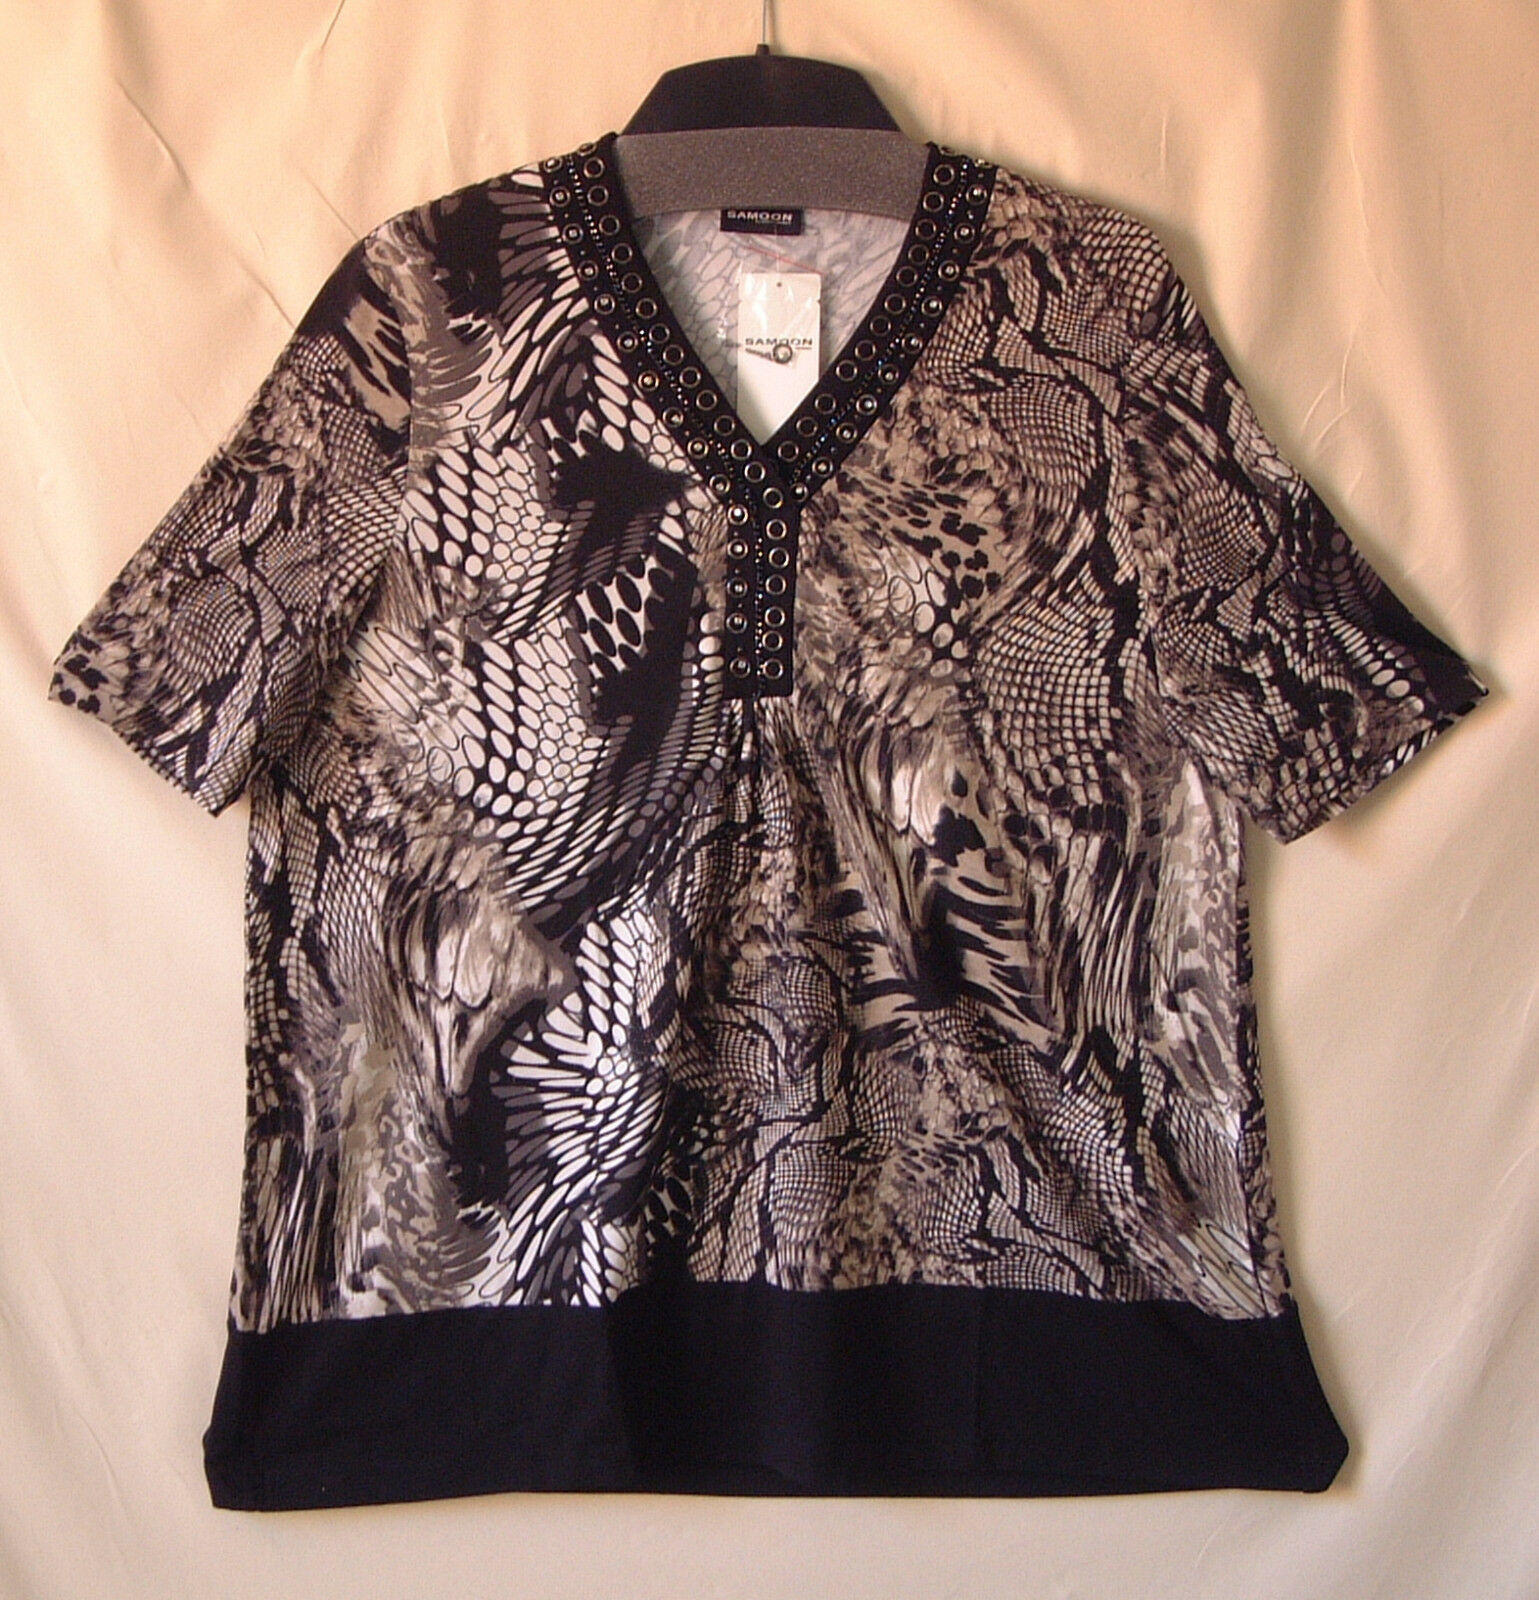 Samoon Shirt Gerry Weber Longshirt Viskose-Stretch kurzarm Neu Damen Gr.